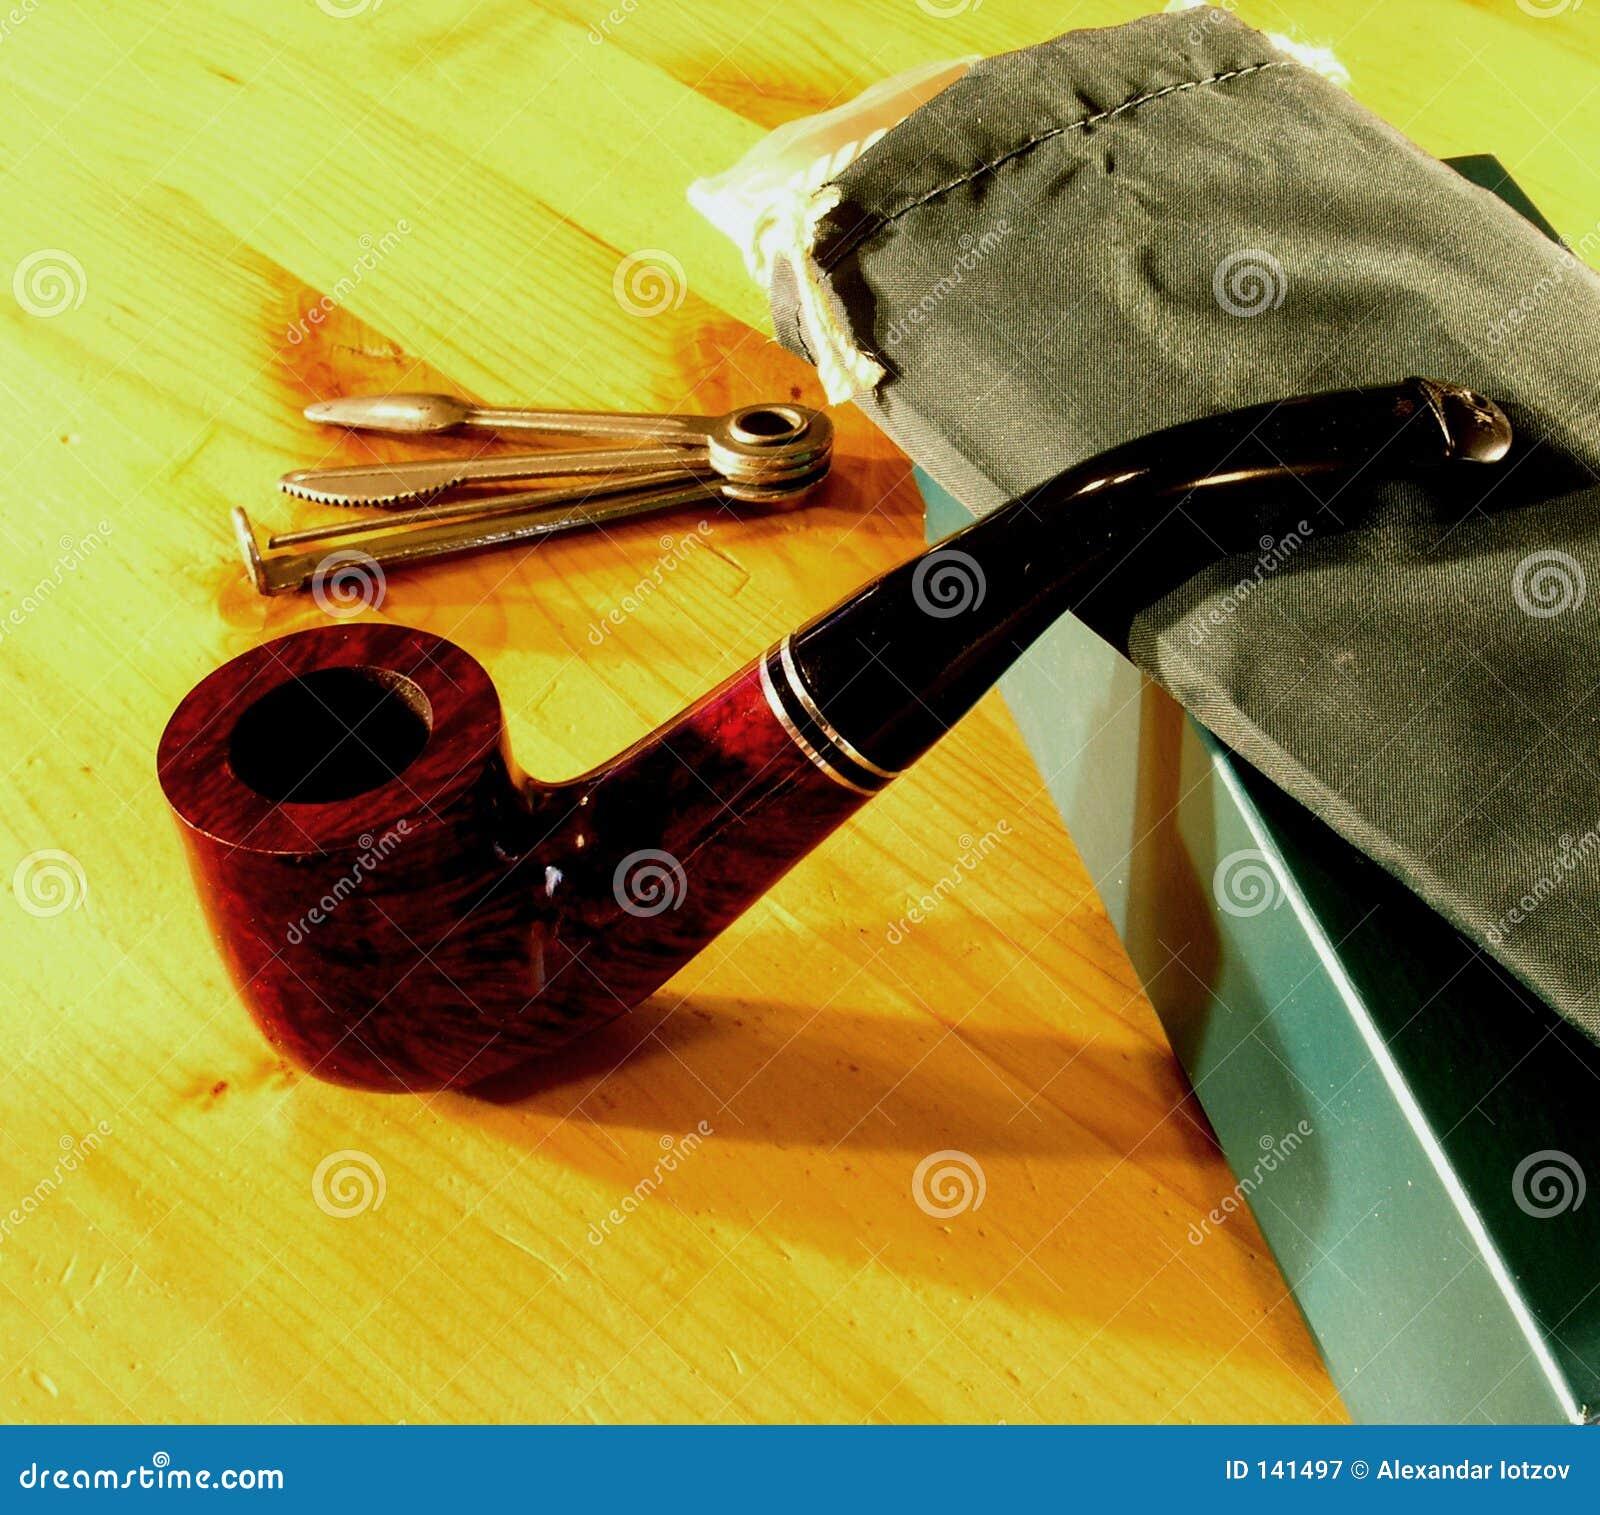 Smocking pipe set 1 stock image  Image of smoking, tool - 141497